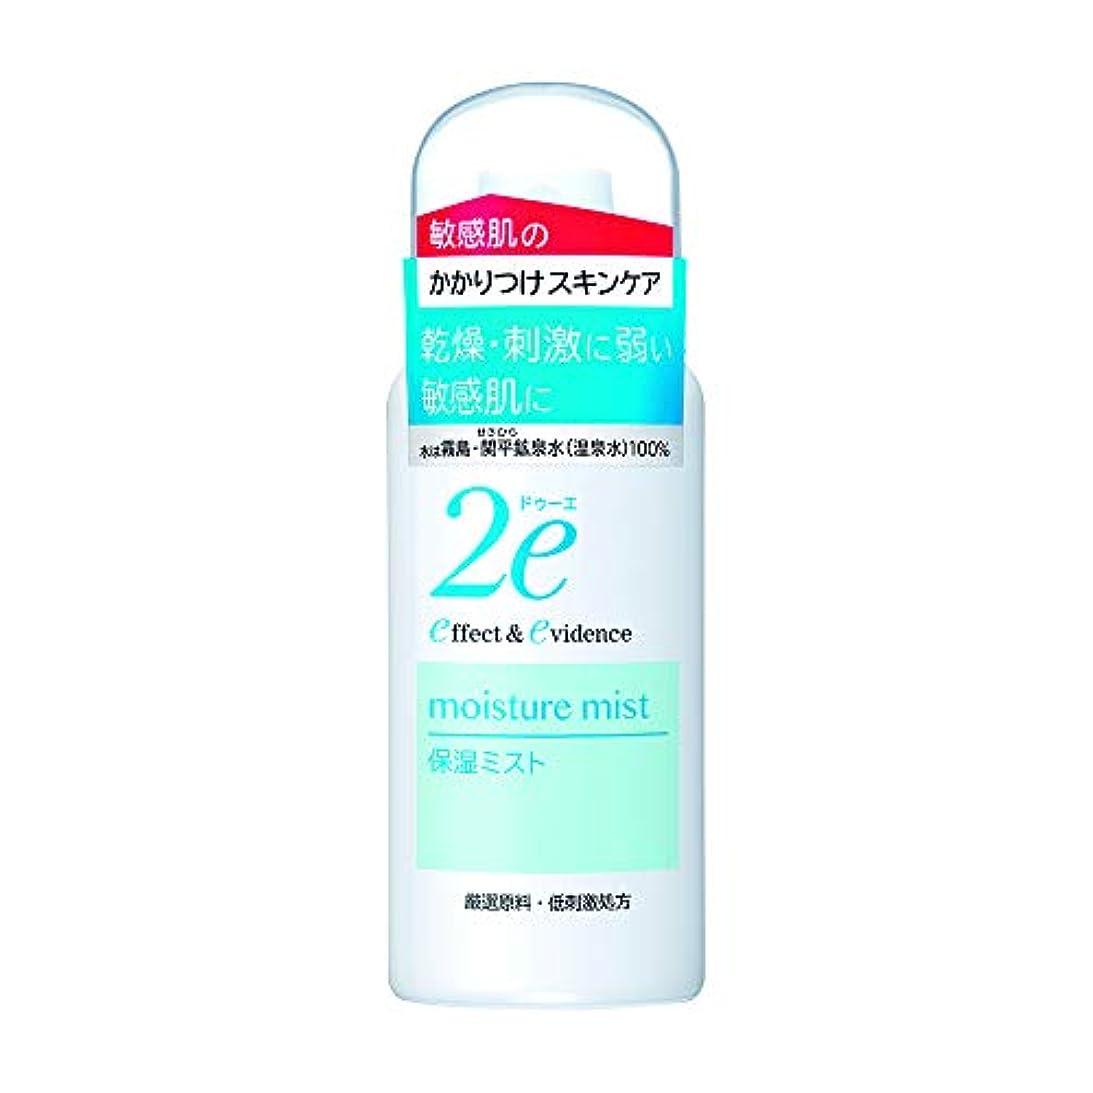 専門用語チャットアコー2e(ドゥーエ) 保湿ミスト 携帯用 敏感肌用化粧水 スプレータイプ 低刺激処方 50g